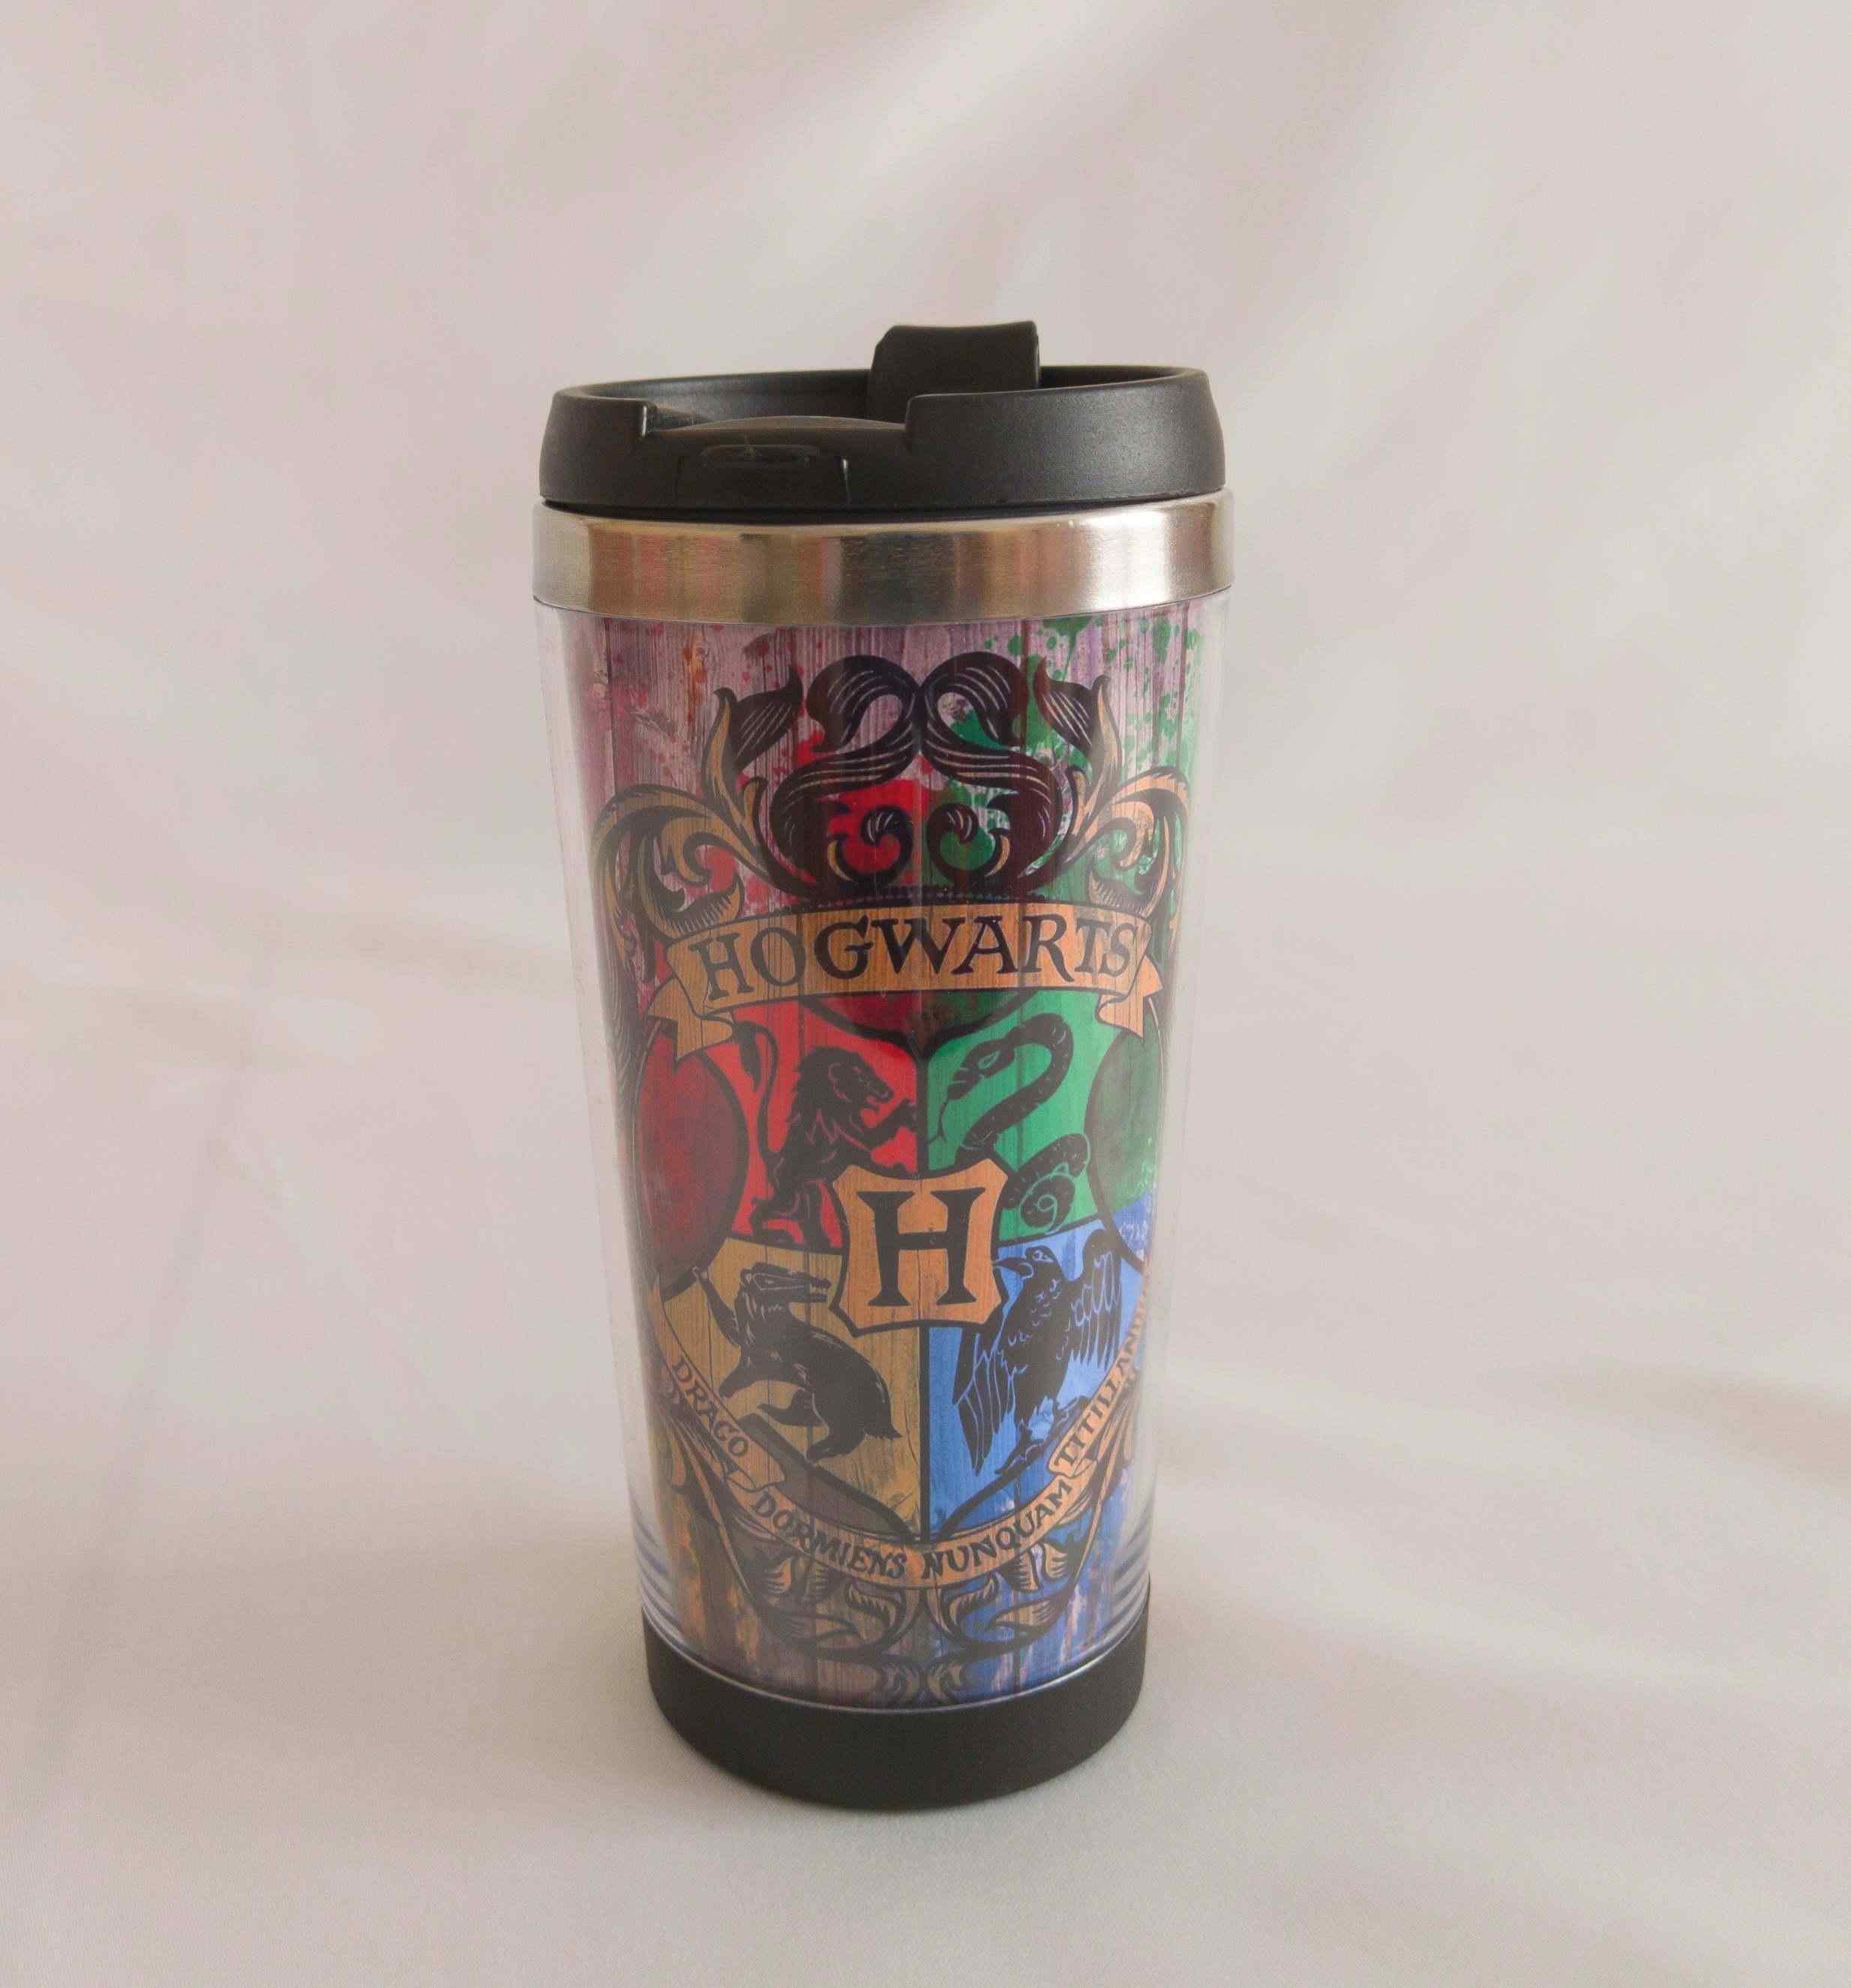 Harry Potter Hogwarts Kabul Davet Mektubu Yastığı, Çelik Termos Ve Çapulcu Haritası Arkadaşa 3Lü Hediye Seti